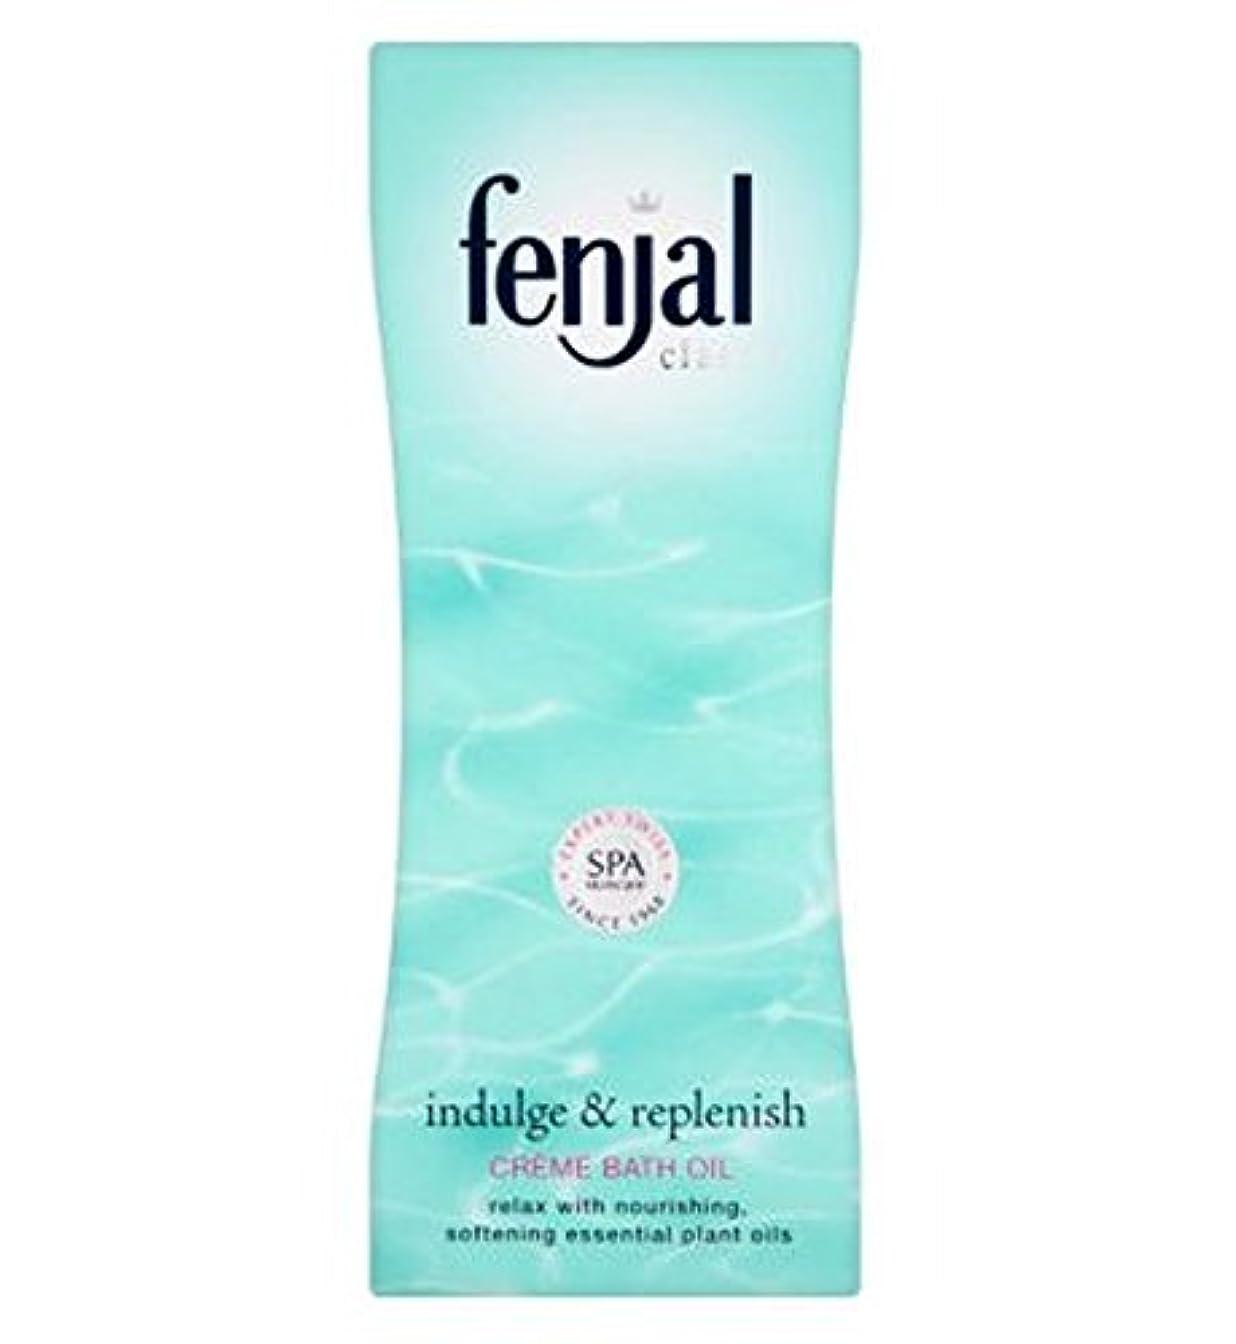 ポインタサービスにやにやFenjal Classic Luxury Creme Bath Oil - Fenjal古典的な高級クリームバスオイル (Fenjal) [並行輸入品]